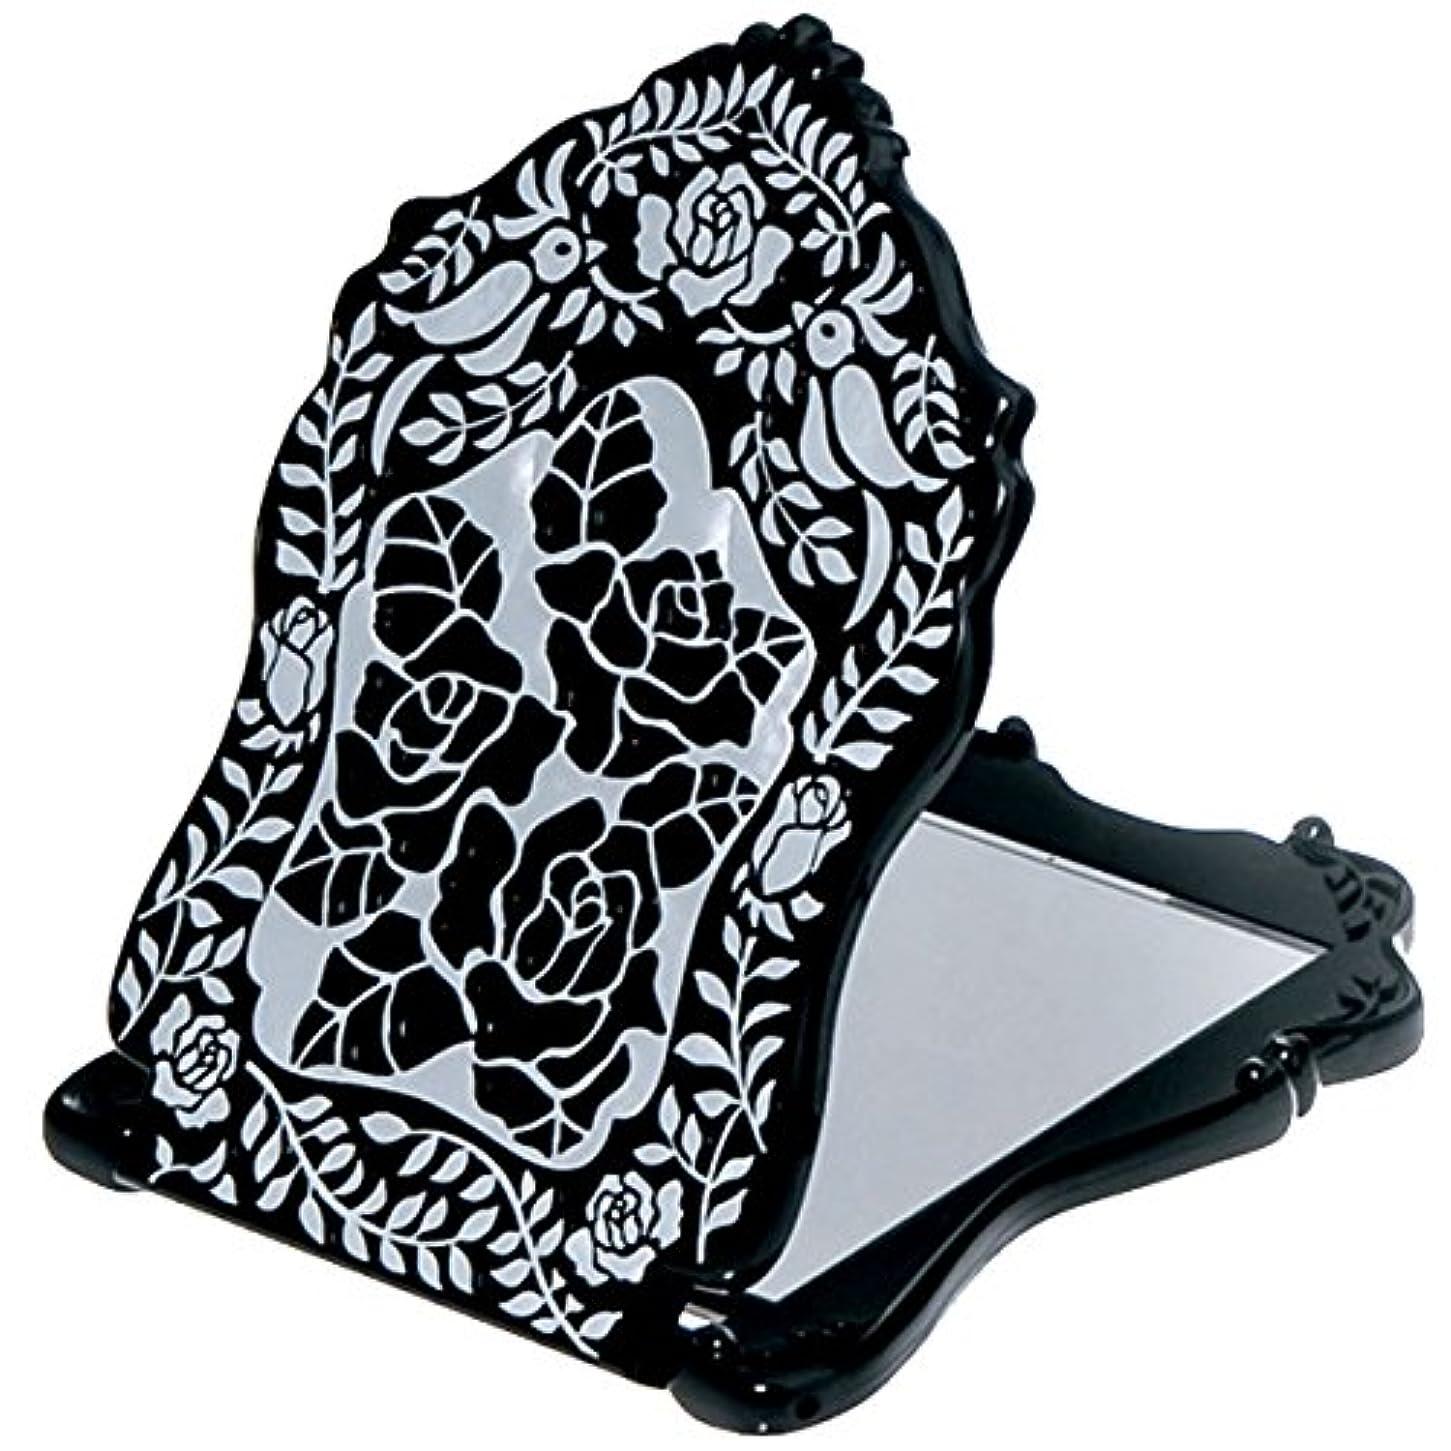 スキニー引き算出くわす(アナスイ) ANNA SUI ビューティ ミラー N 鏡 コンパクト ビューティー 黒 ブラック ロゴ ローズ 薔薇 バラ